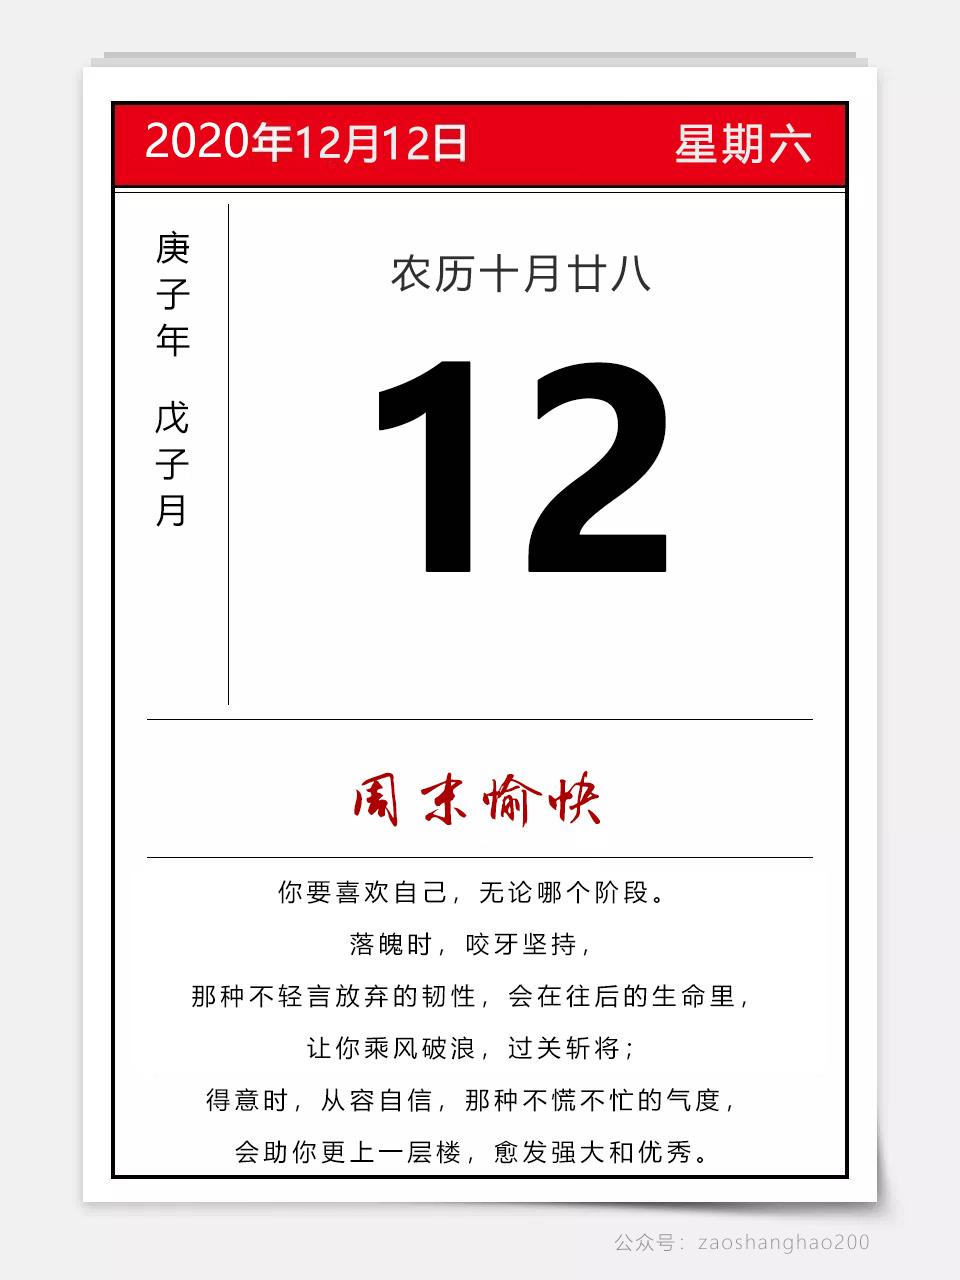 12月12双十二早安正能量奋斗句子配图片